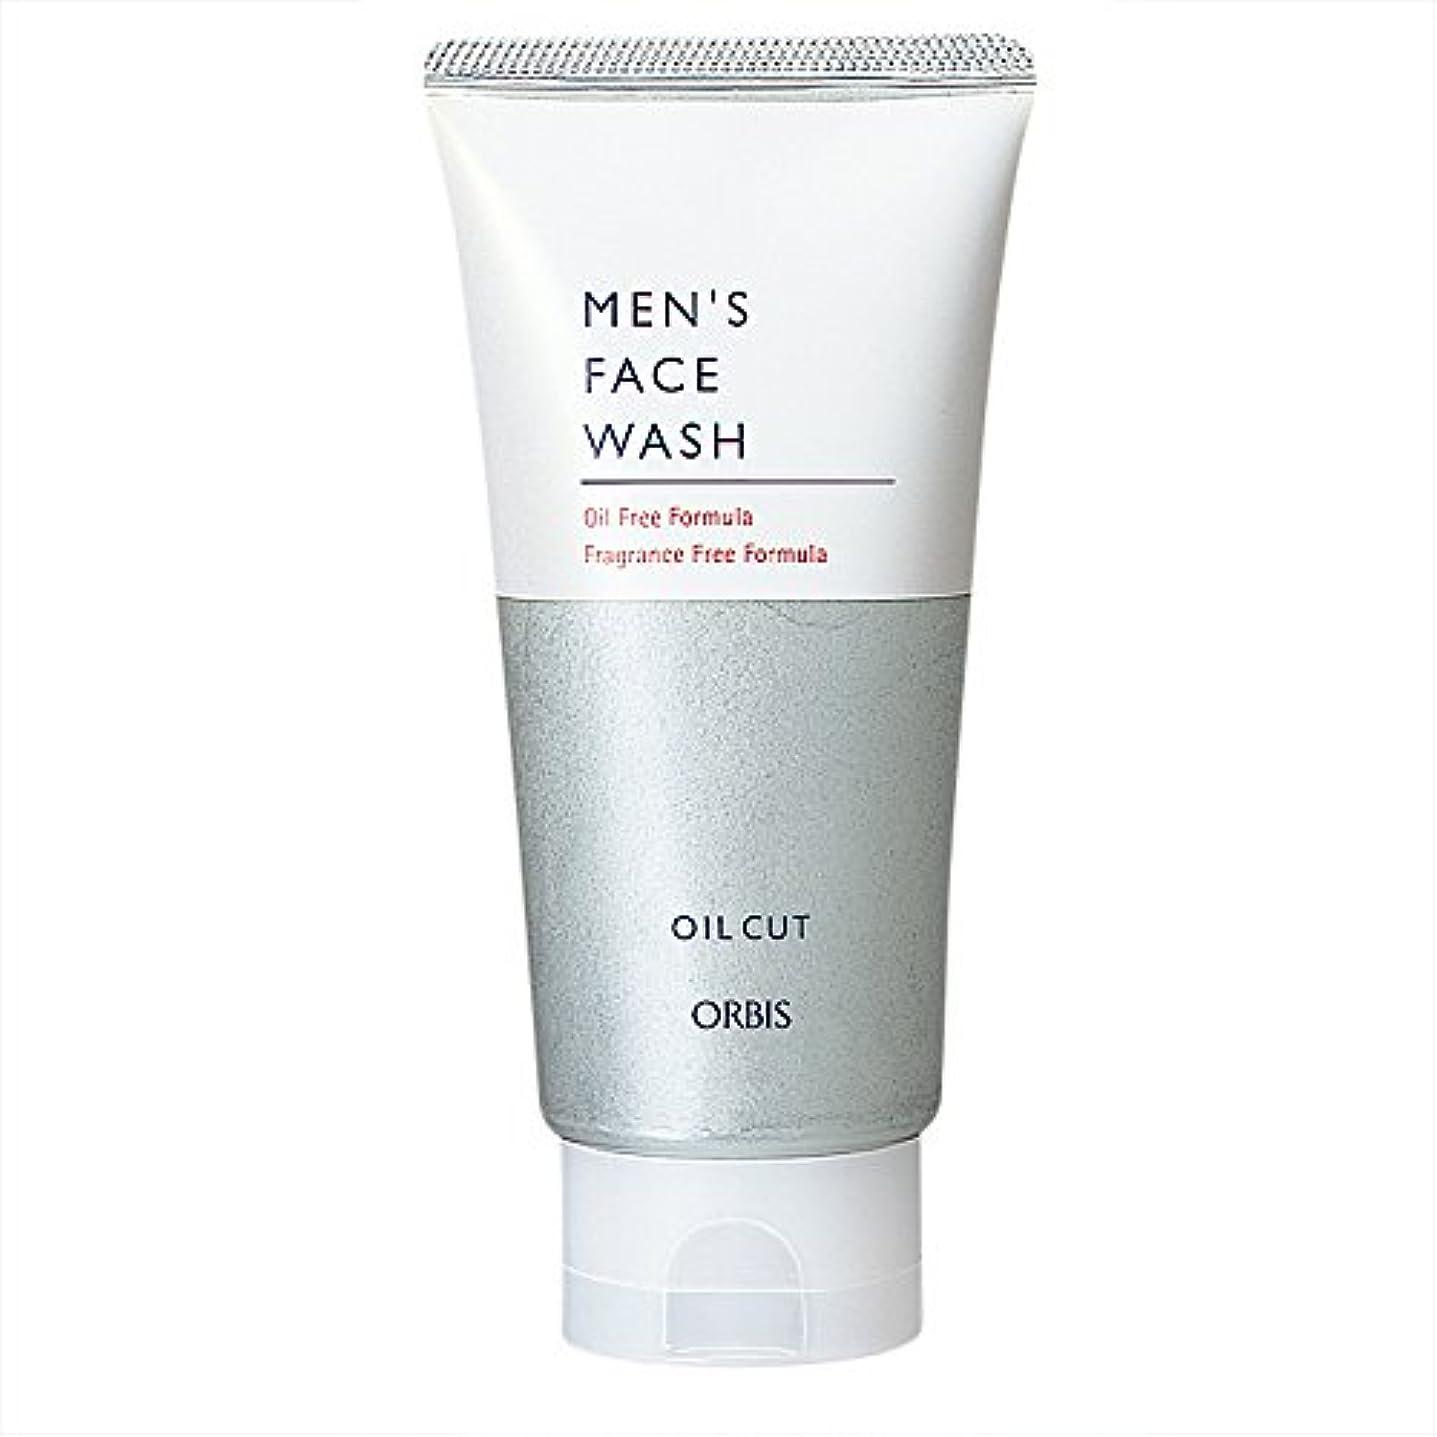 オルビス(ORBIS) メンズフェイスウォッシュ 120g (男性用洗顔料) 9395